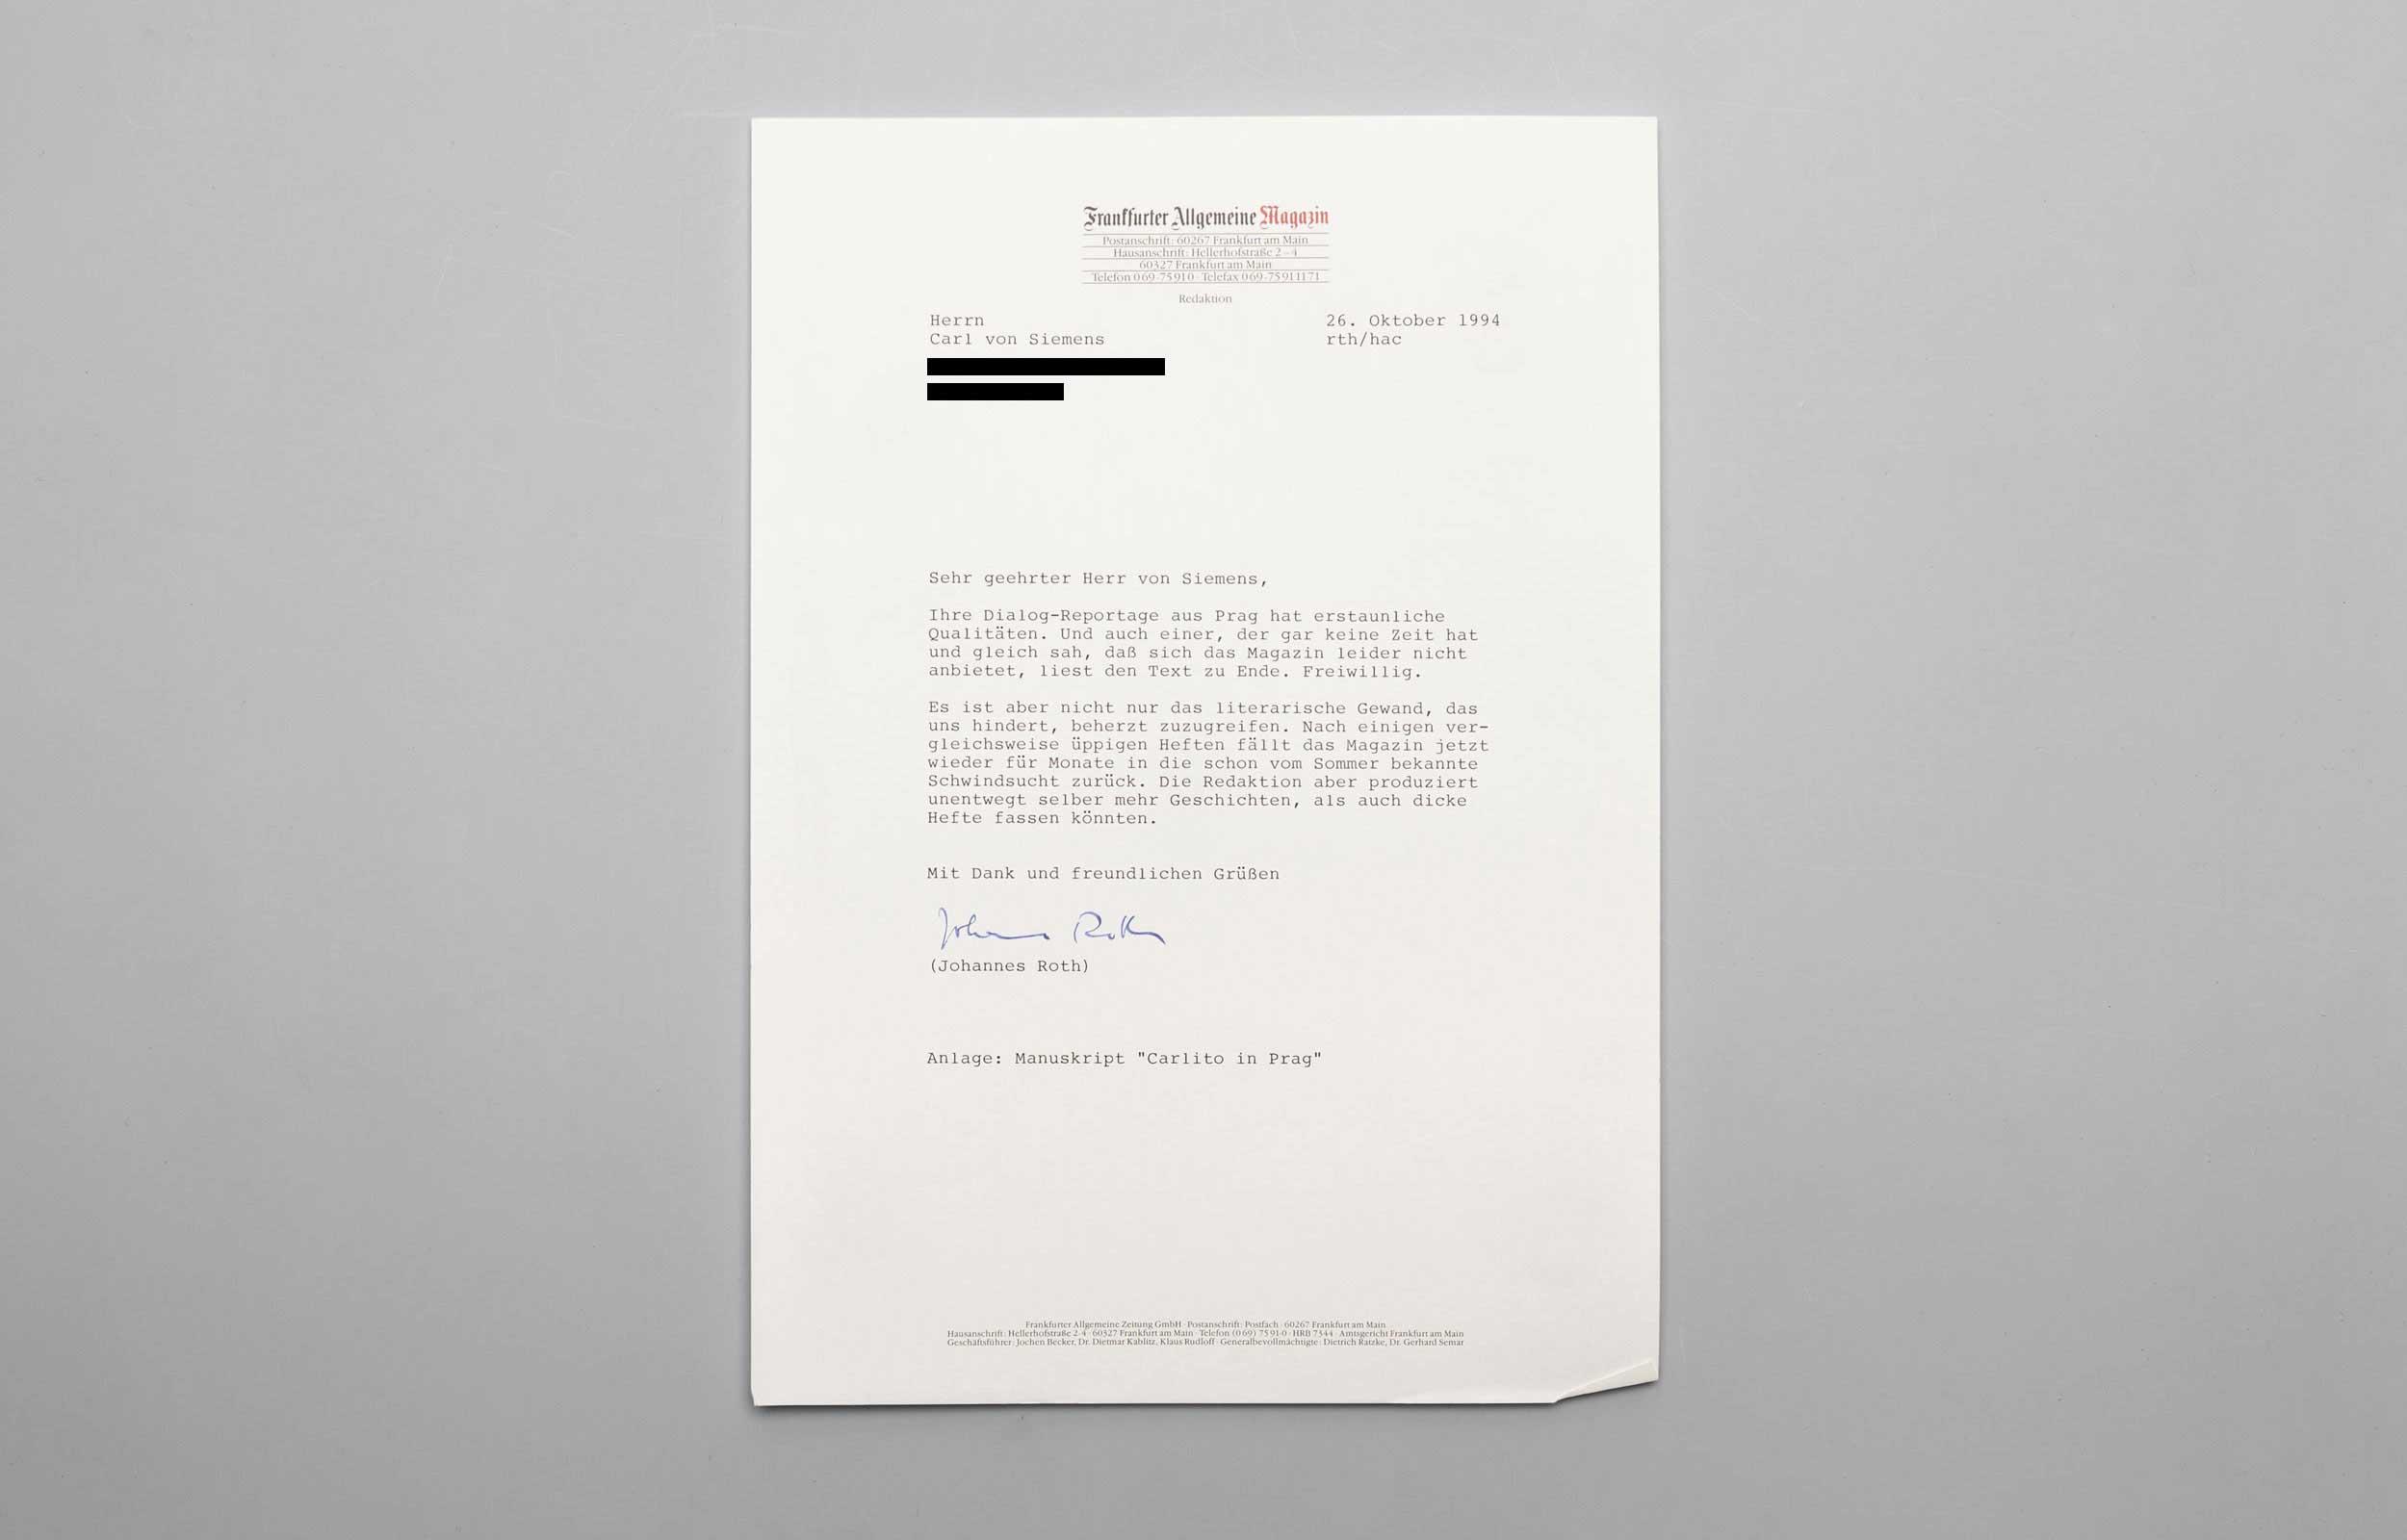 Carl von Siemens Rolling Stone Brief 1